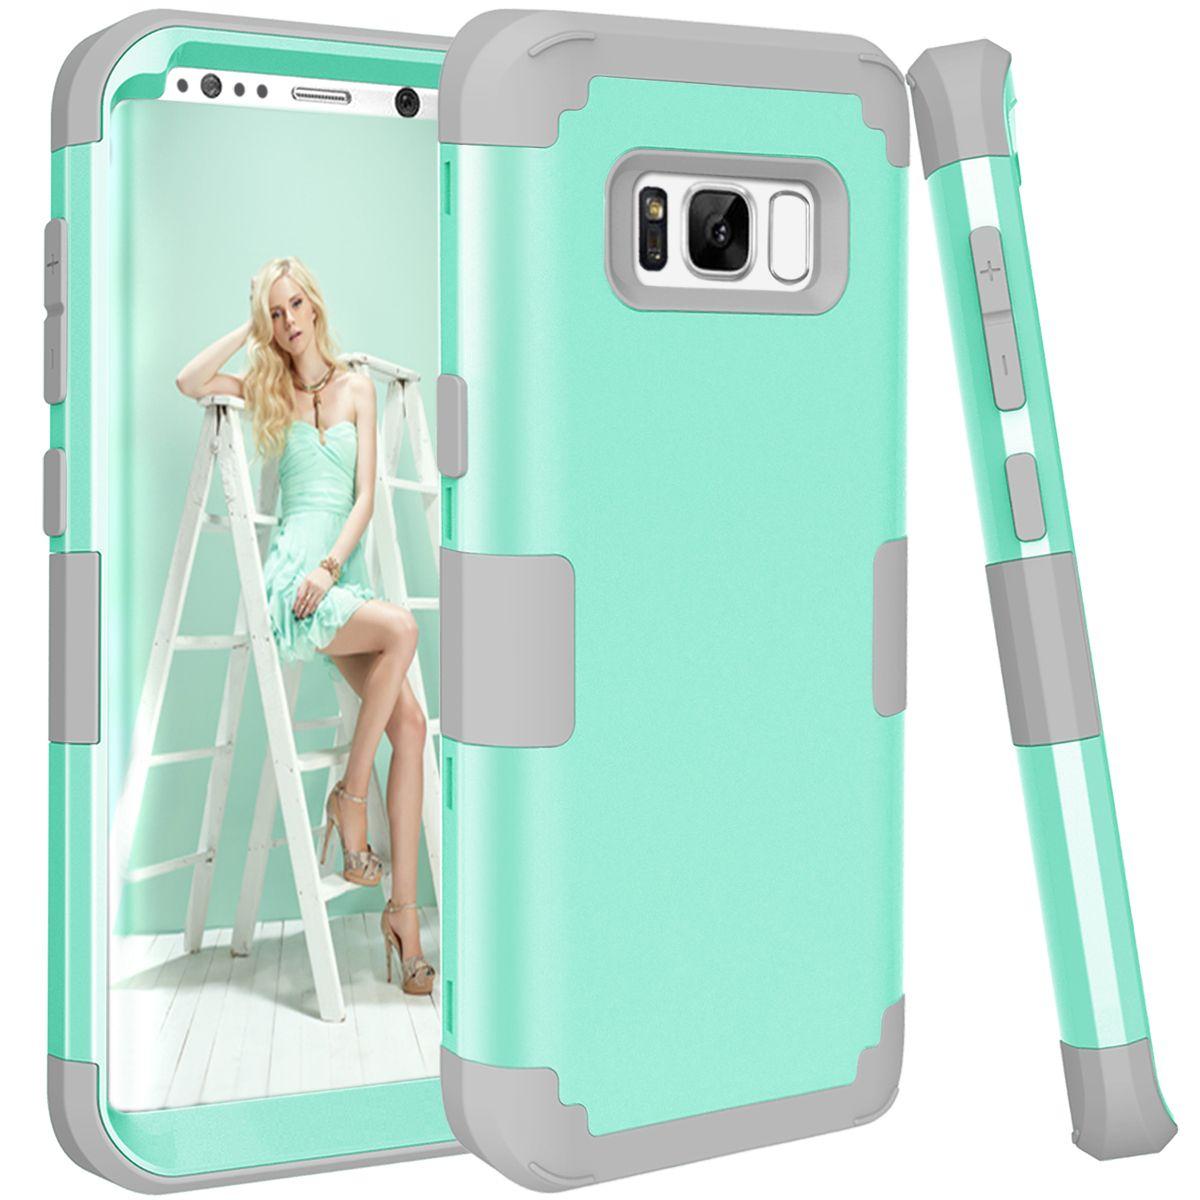 Antichoc Cas de Téléphone pour Samsung Galaxy S8, PC + TPU 3-couches Hybride Plein-Corps Protéger Cas pour Galaxy S8 Anti-Frapper Téléphone Shell